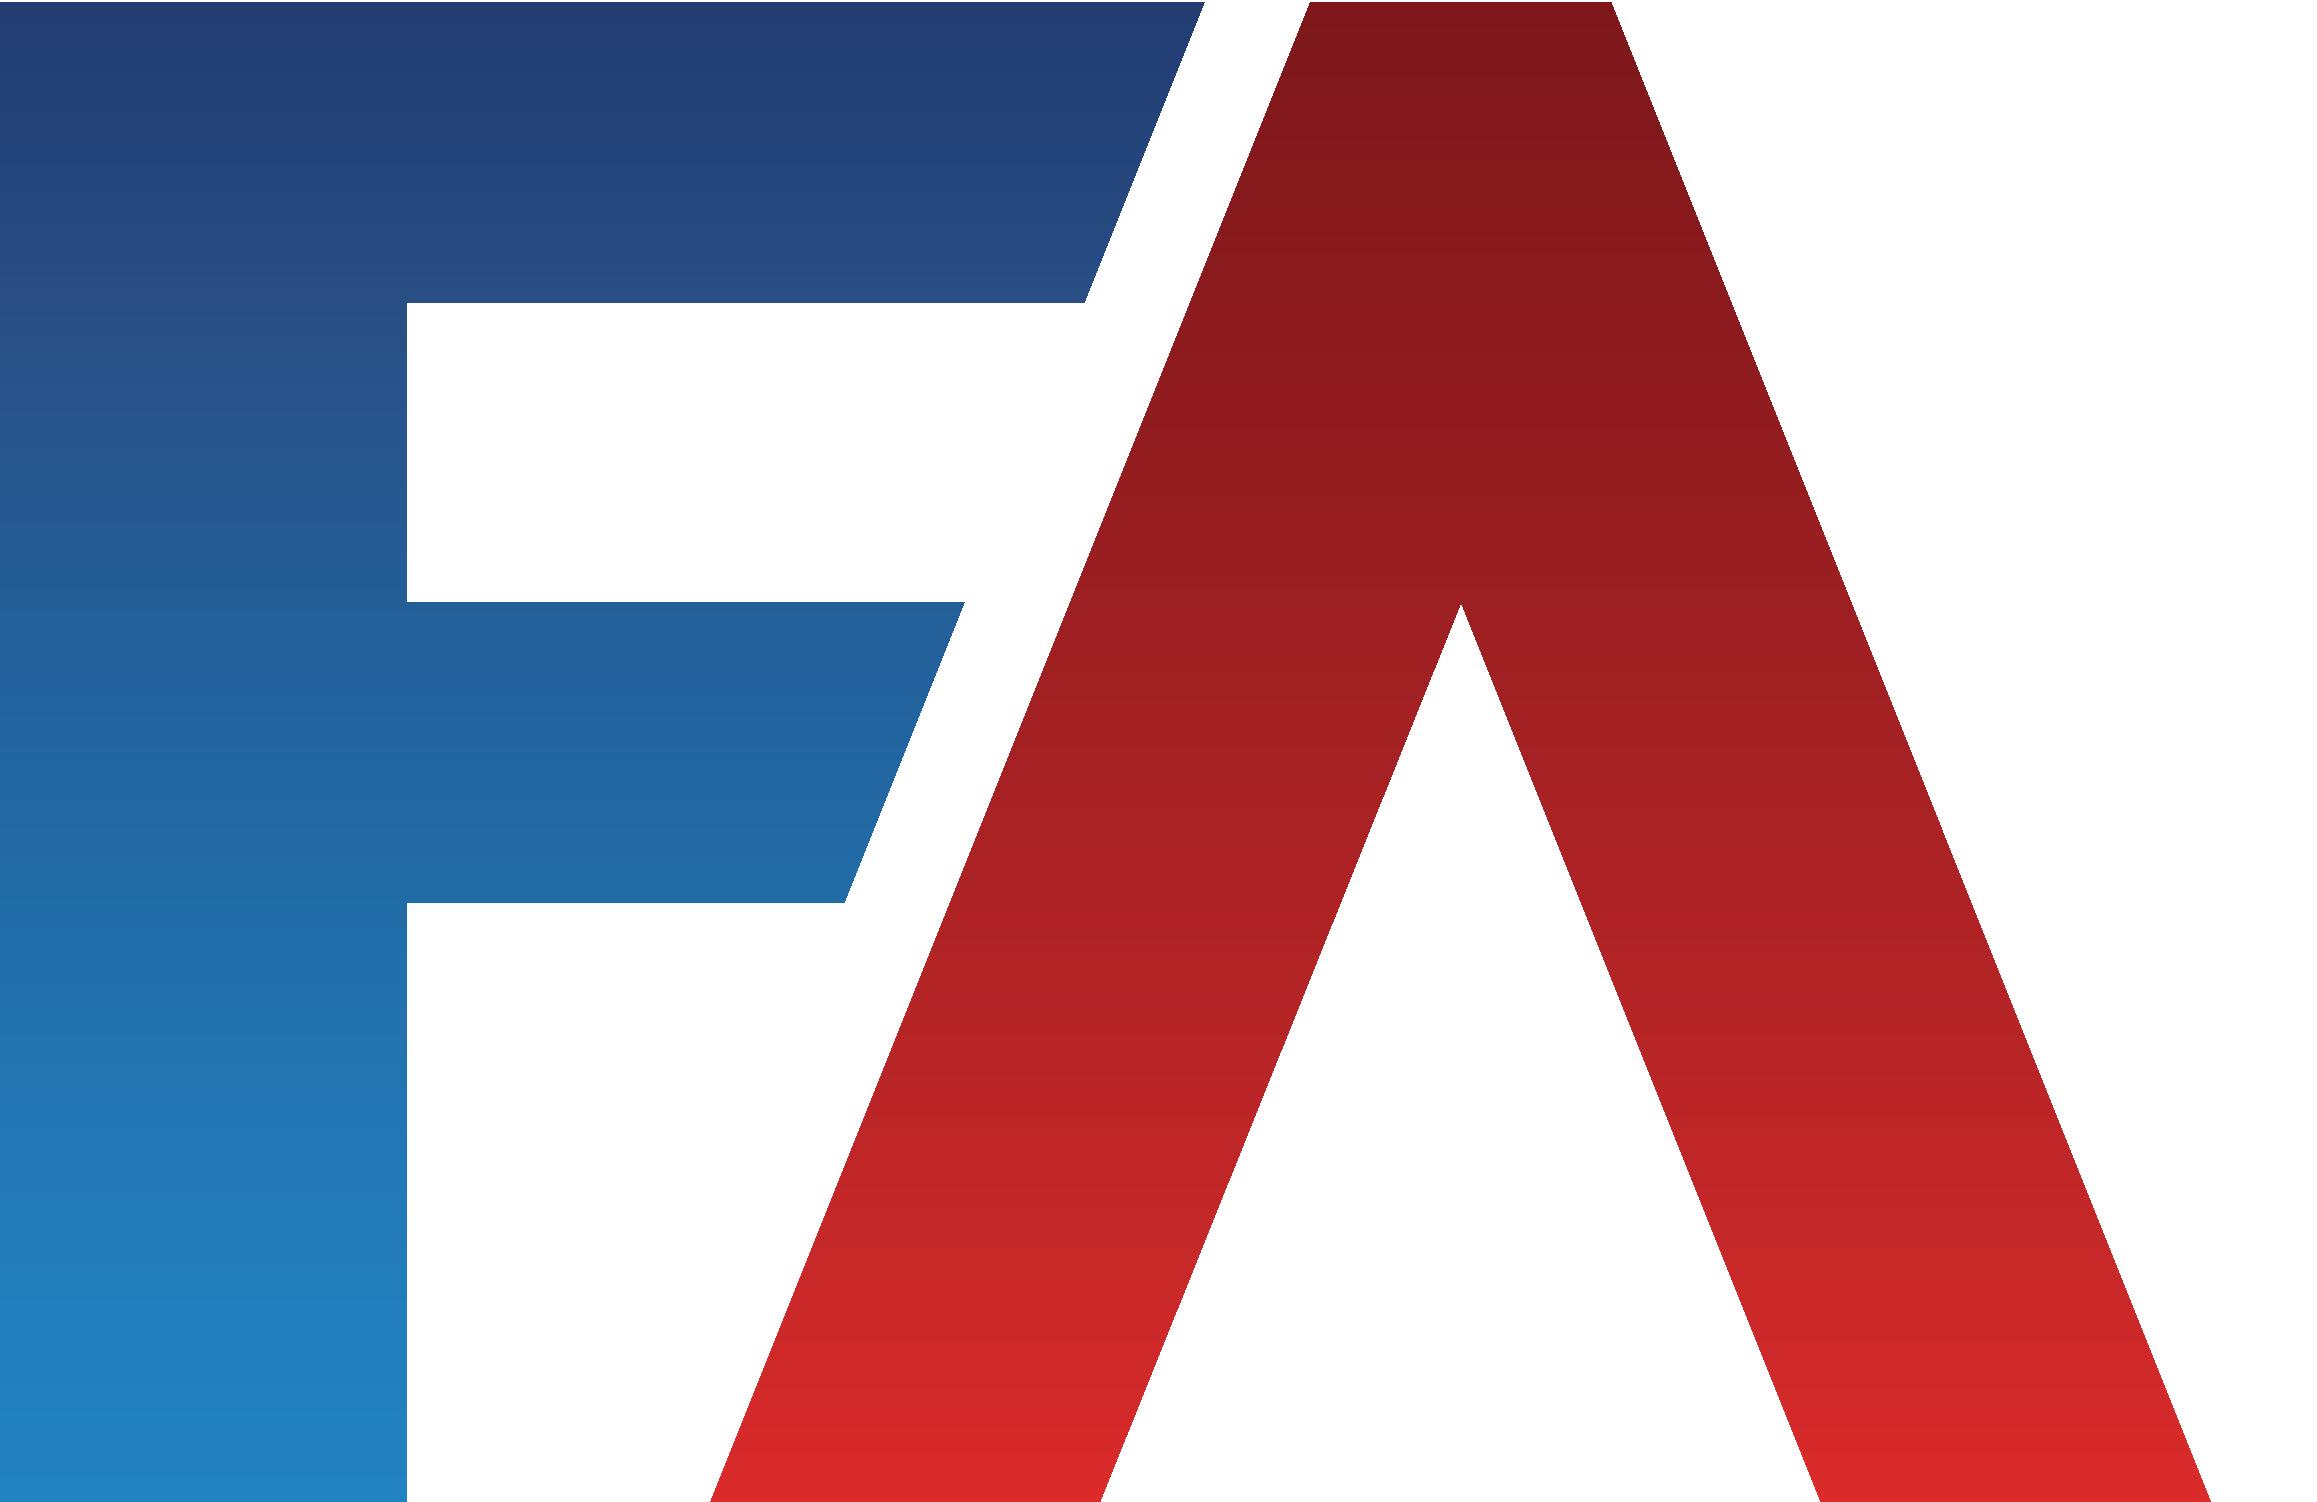 Chris Owings - 2B | FantasyAlarm.com